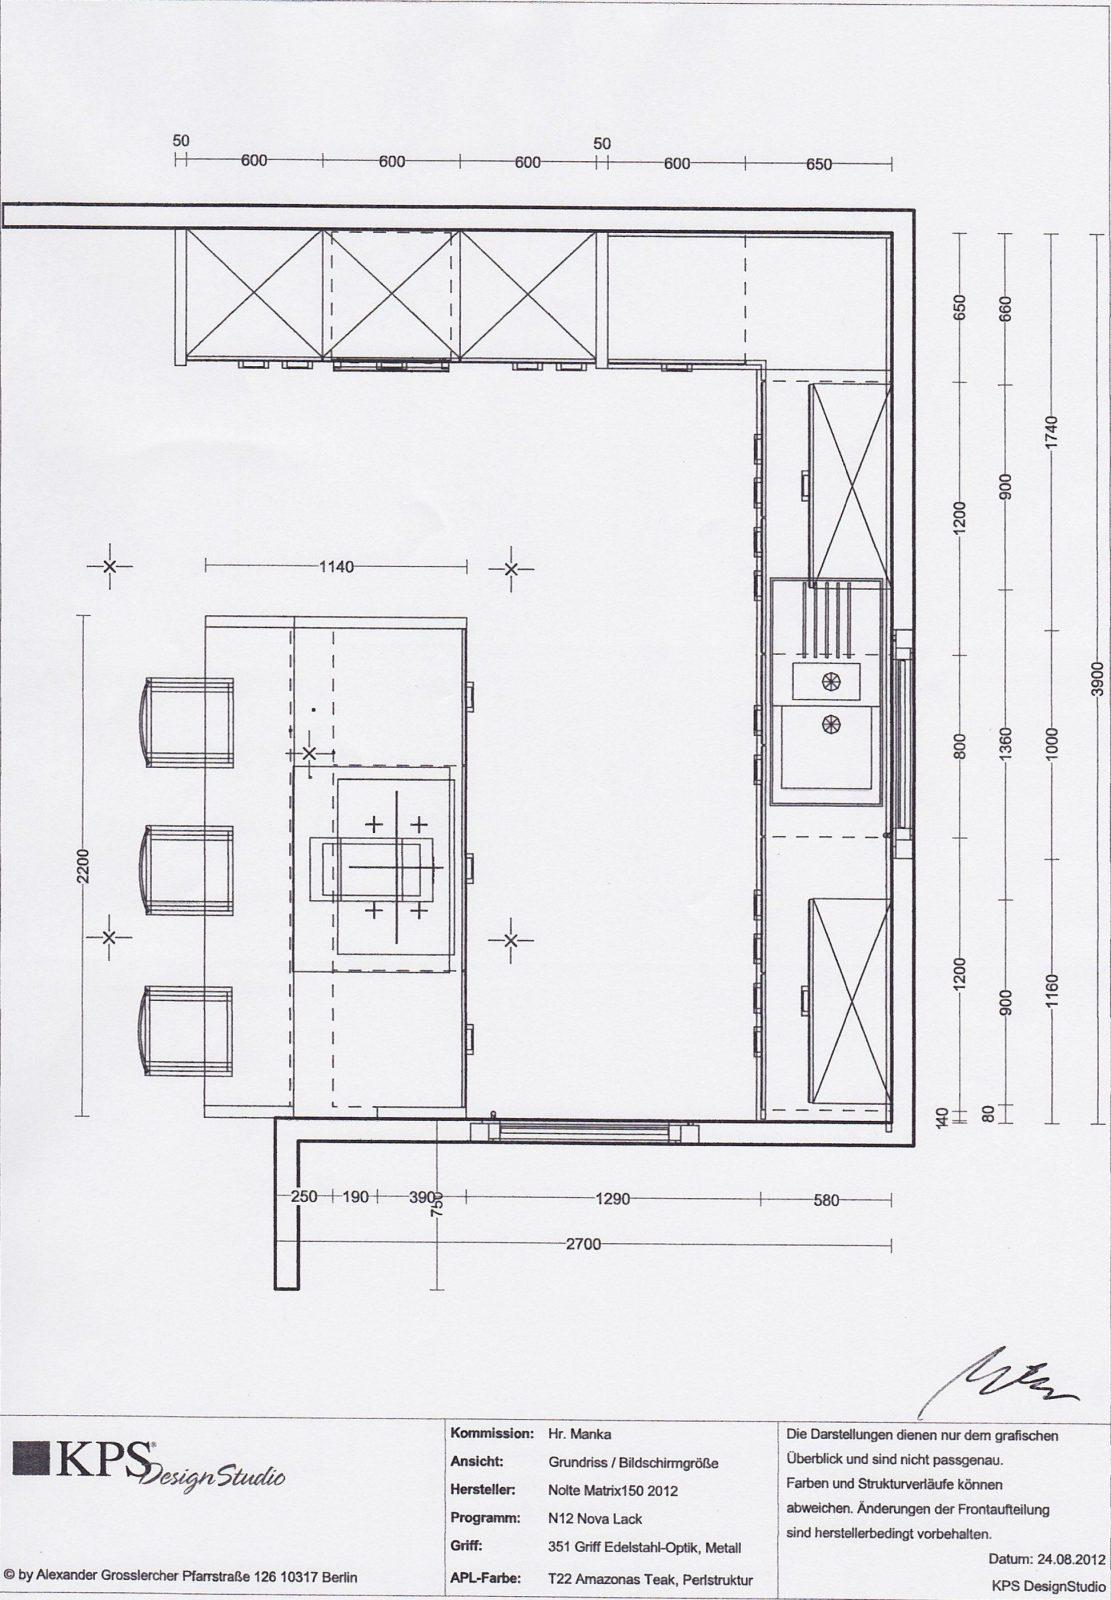 Grundriss Küche Mit Kochinsel Inspirierend Grundriss Küche Simple von Grundriss Küche Mit Kochinsel Bild